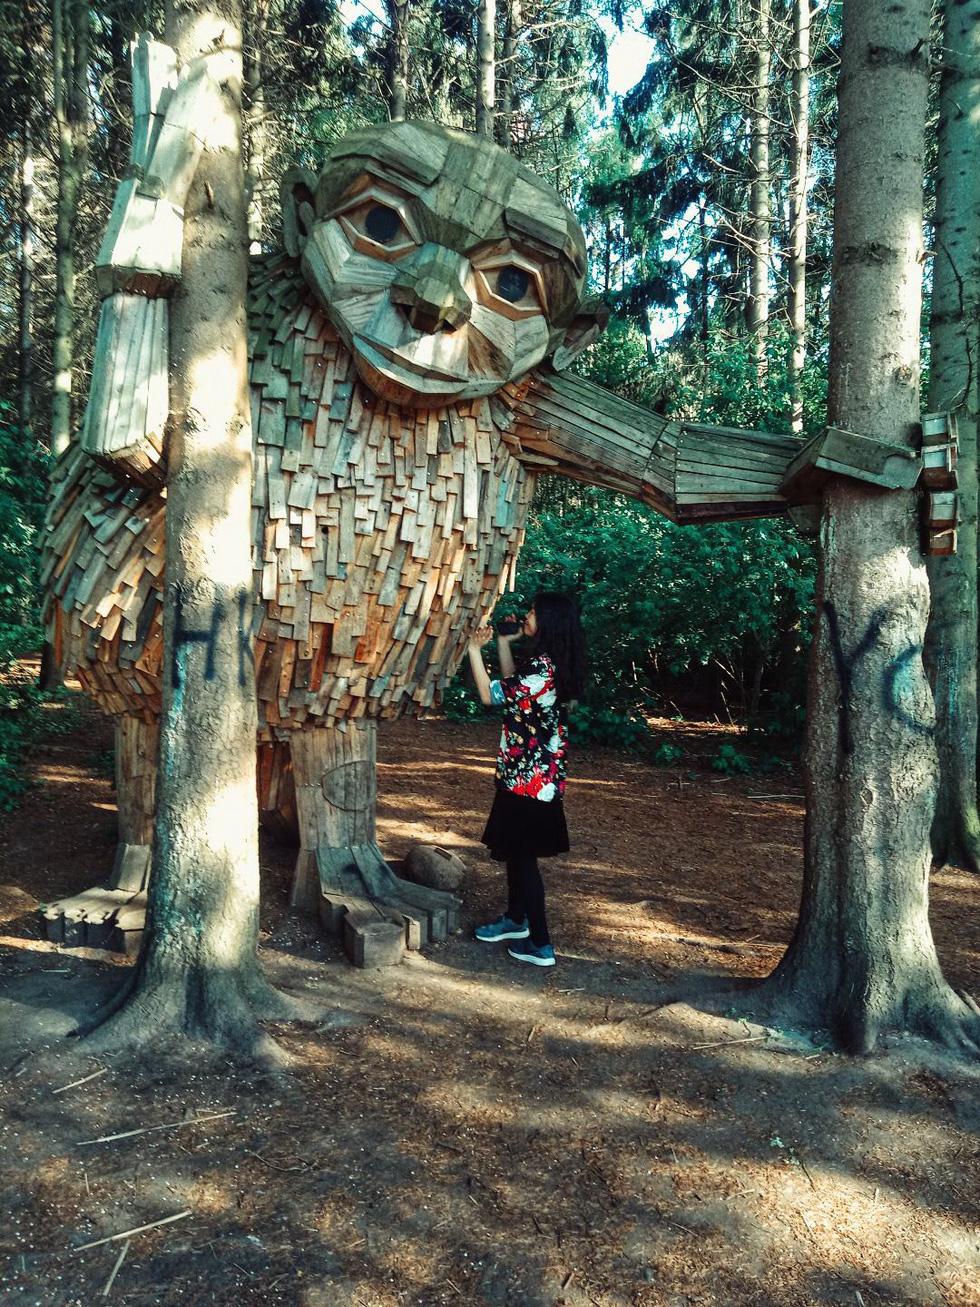 Đi tìm những người khổng lồ giữa rừng - Ảnh 4.